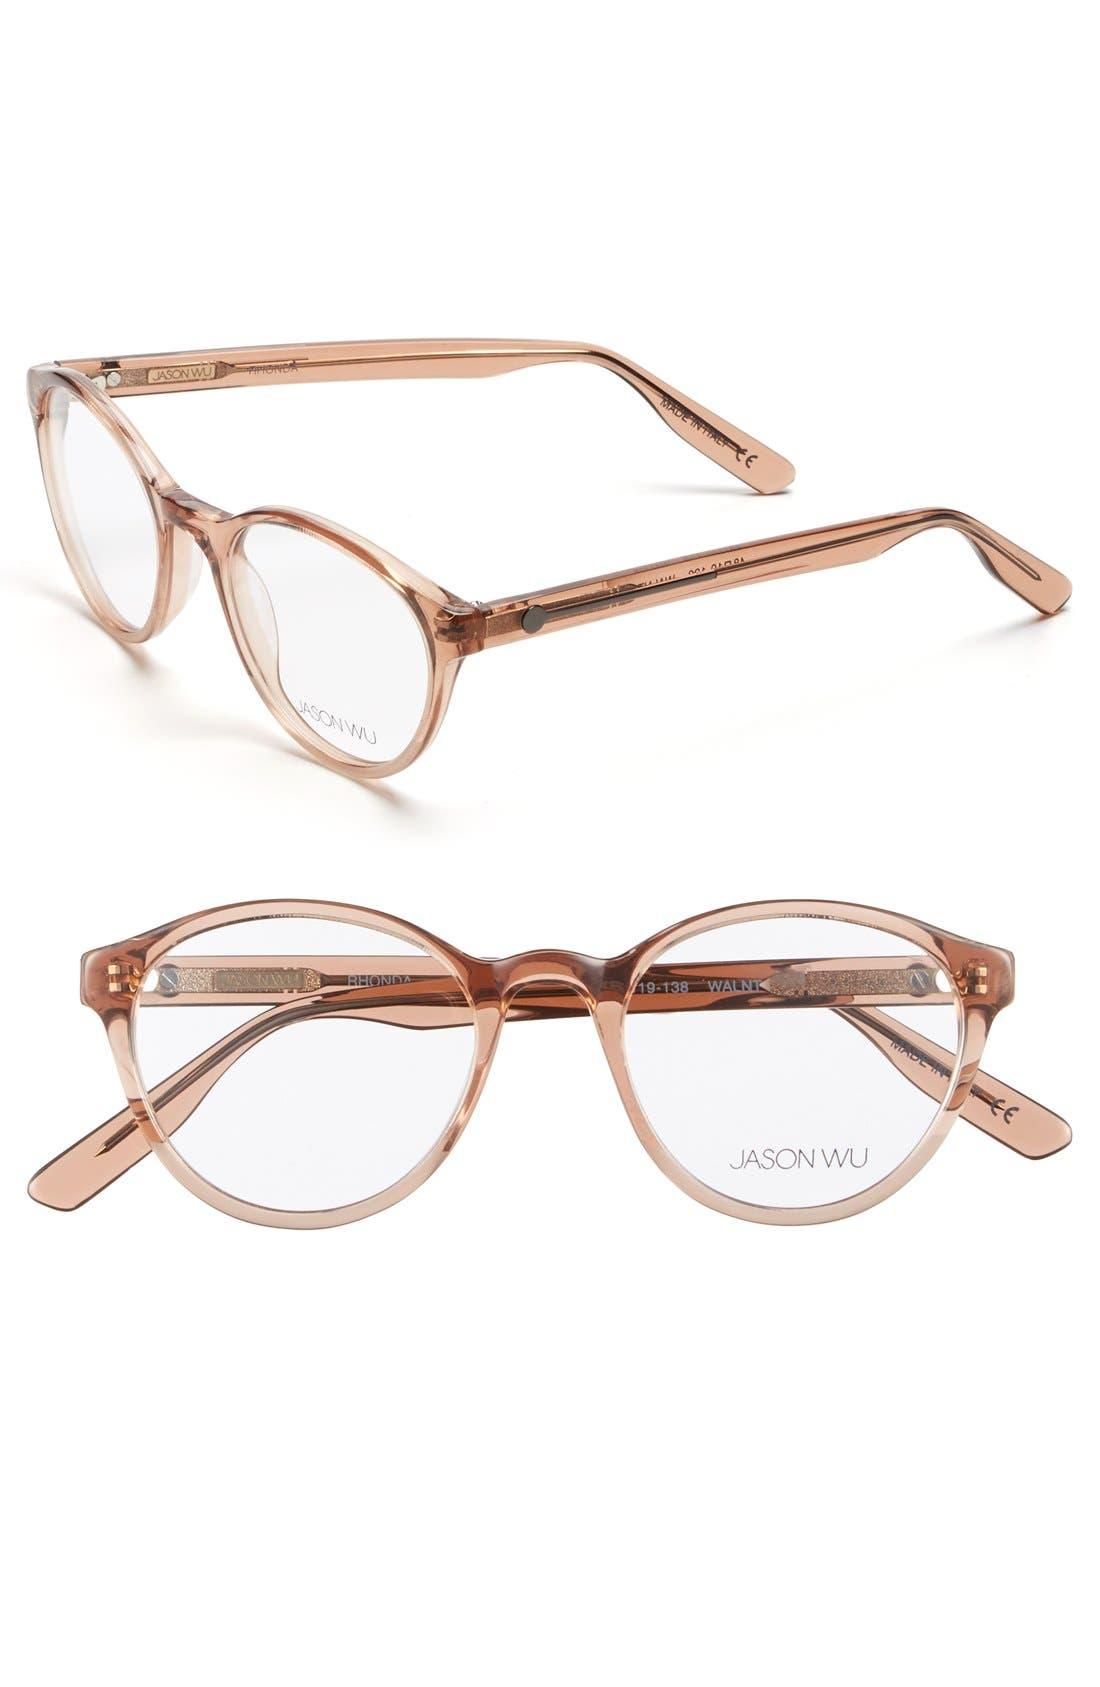 Alternate Image 1 Selected - Jason Wu 'Rhonda' 48mm Optical Glasses